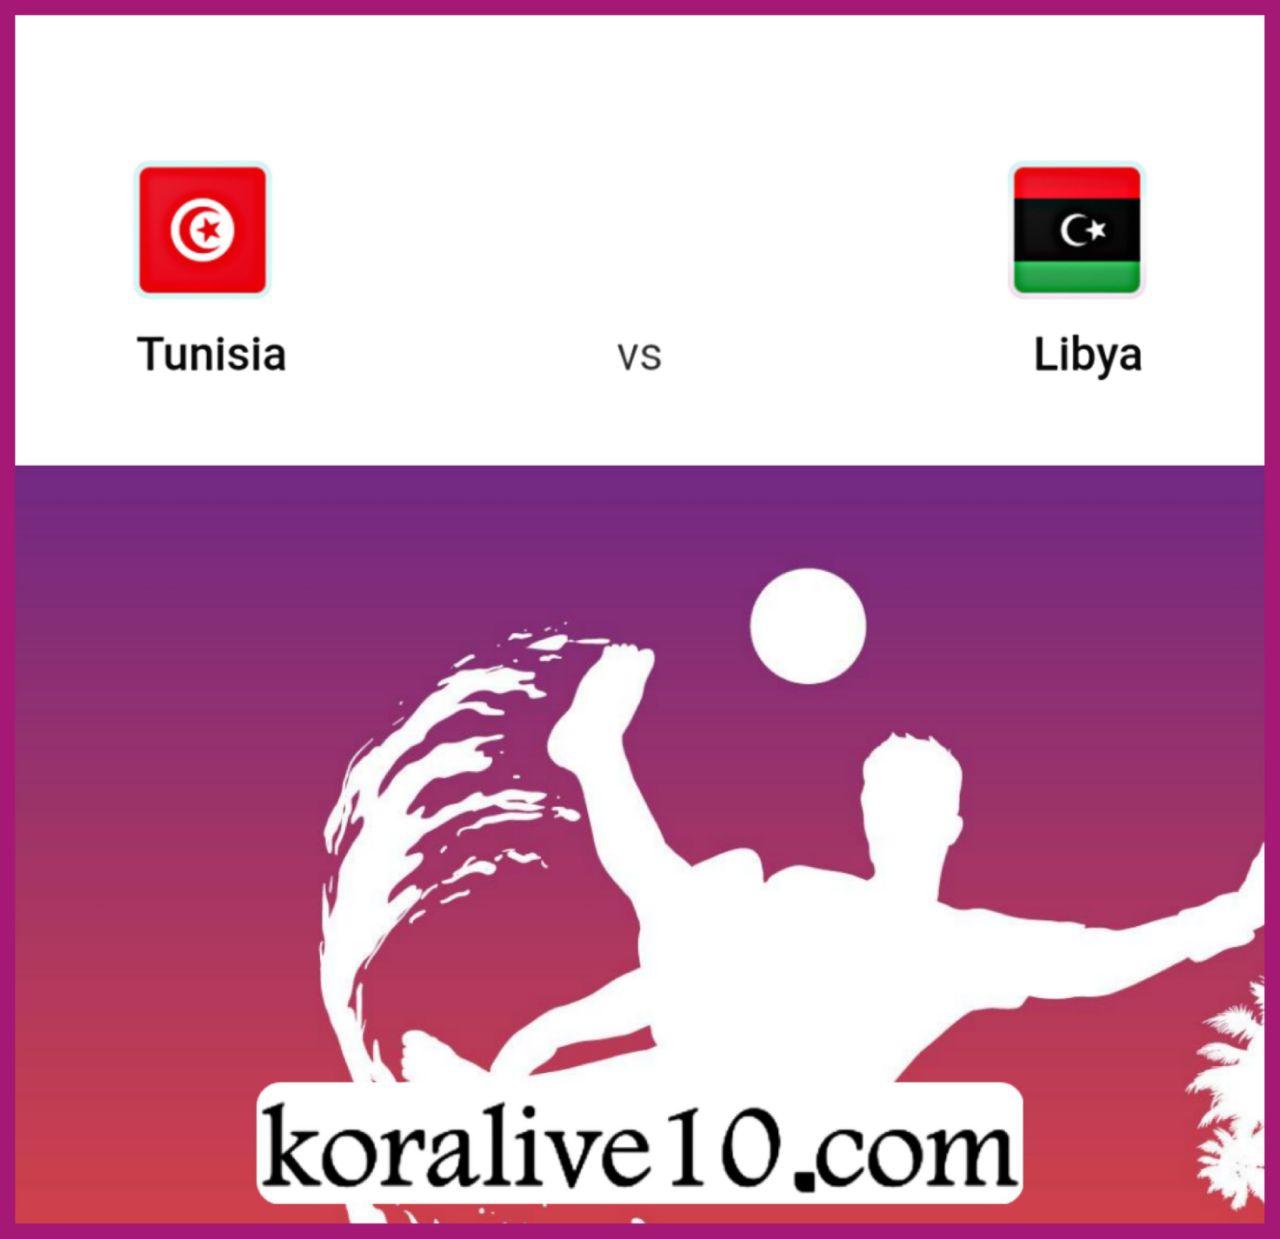 موعد مباراة تونس وليبيا في تصفيات كأس أمم أفريقيا | كورة لايف